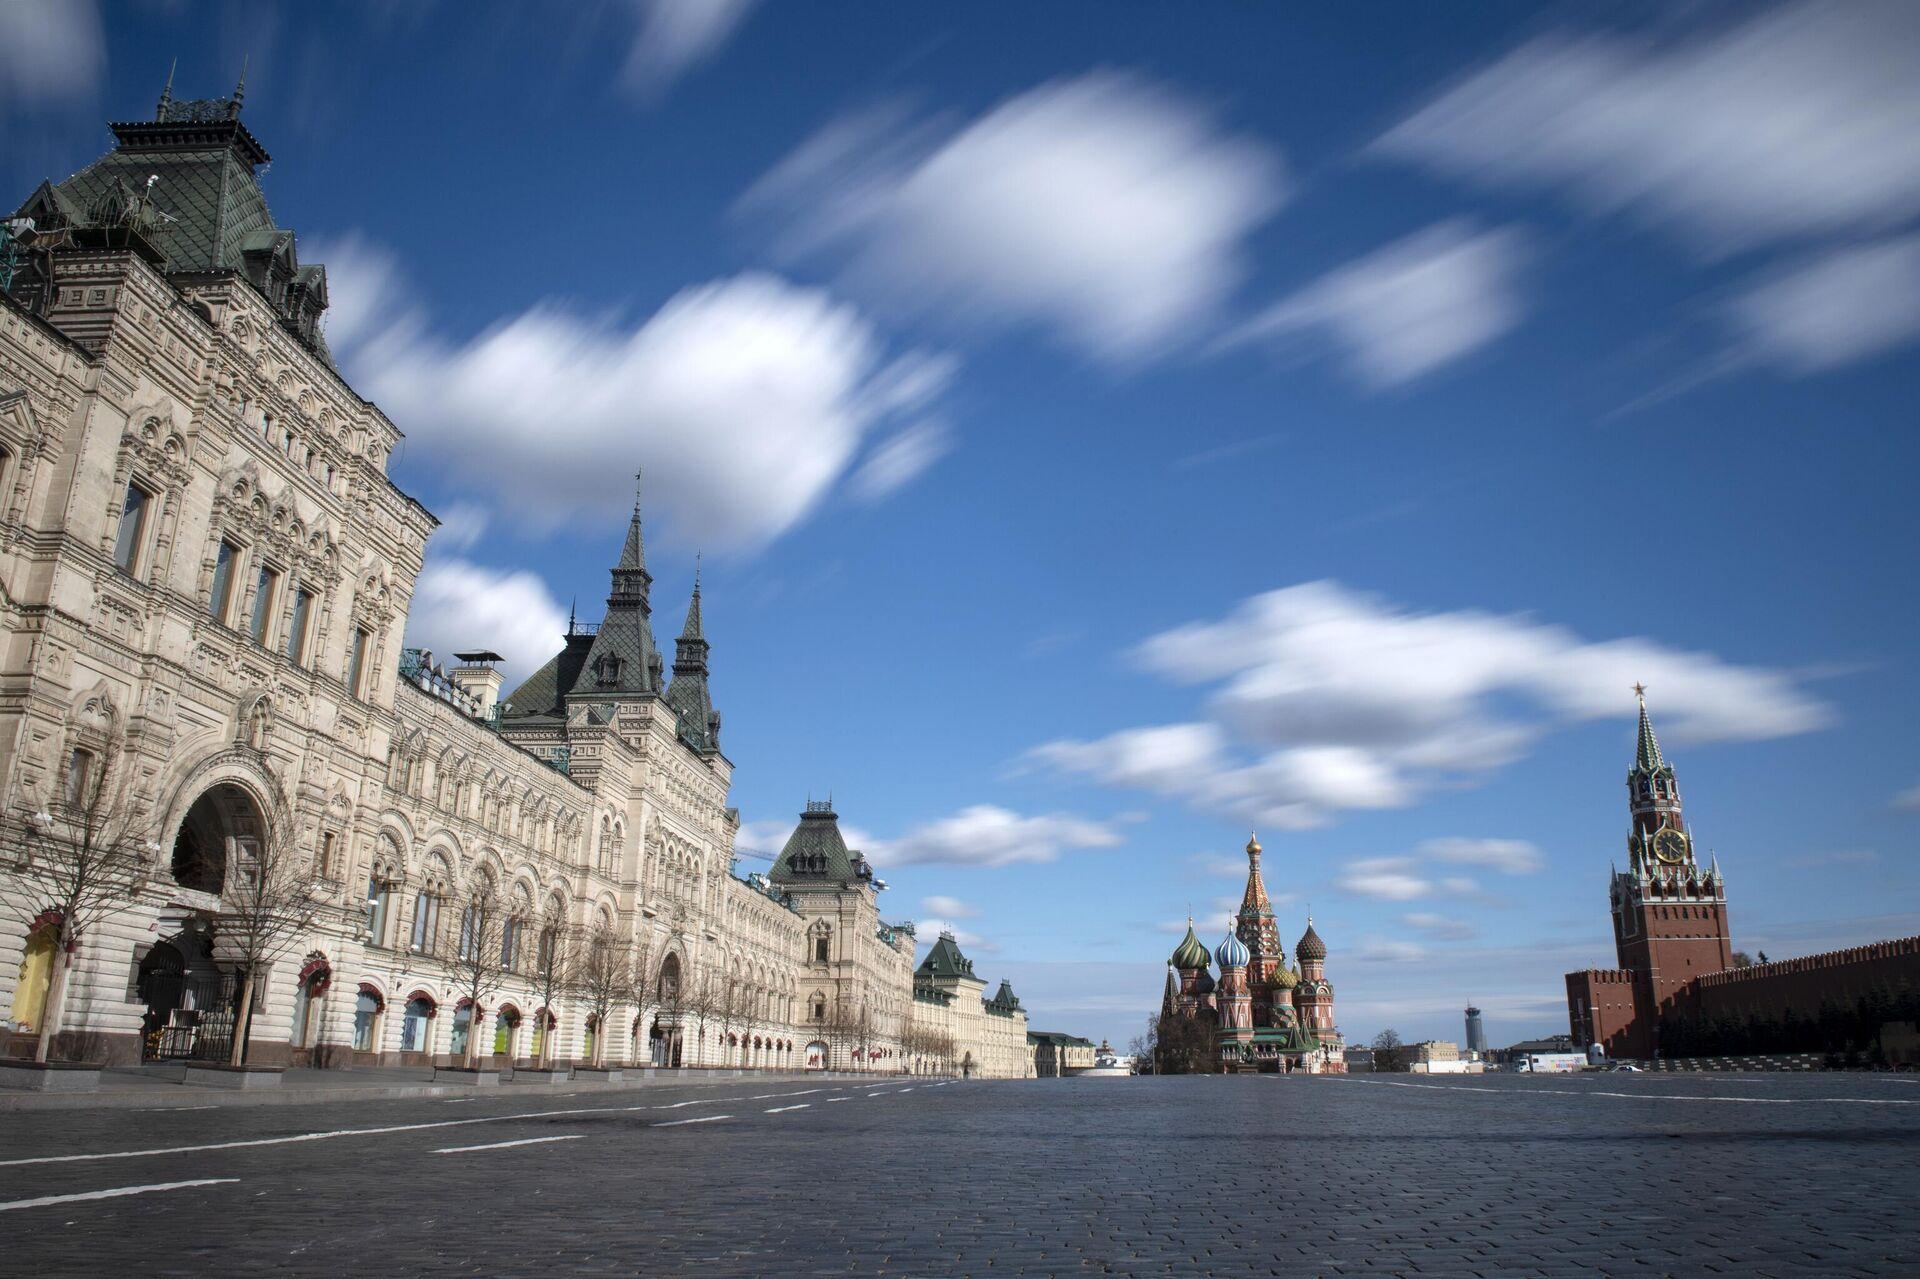 El centro comercial GUM (izda.) en la Plaza Roja de Moscú - Sputnik Mundo, 1920, 15.03.2021